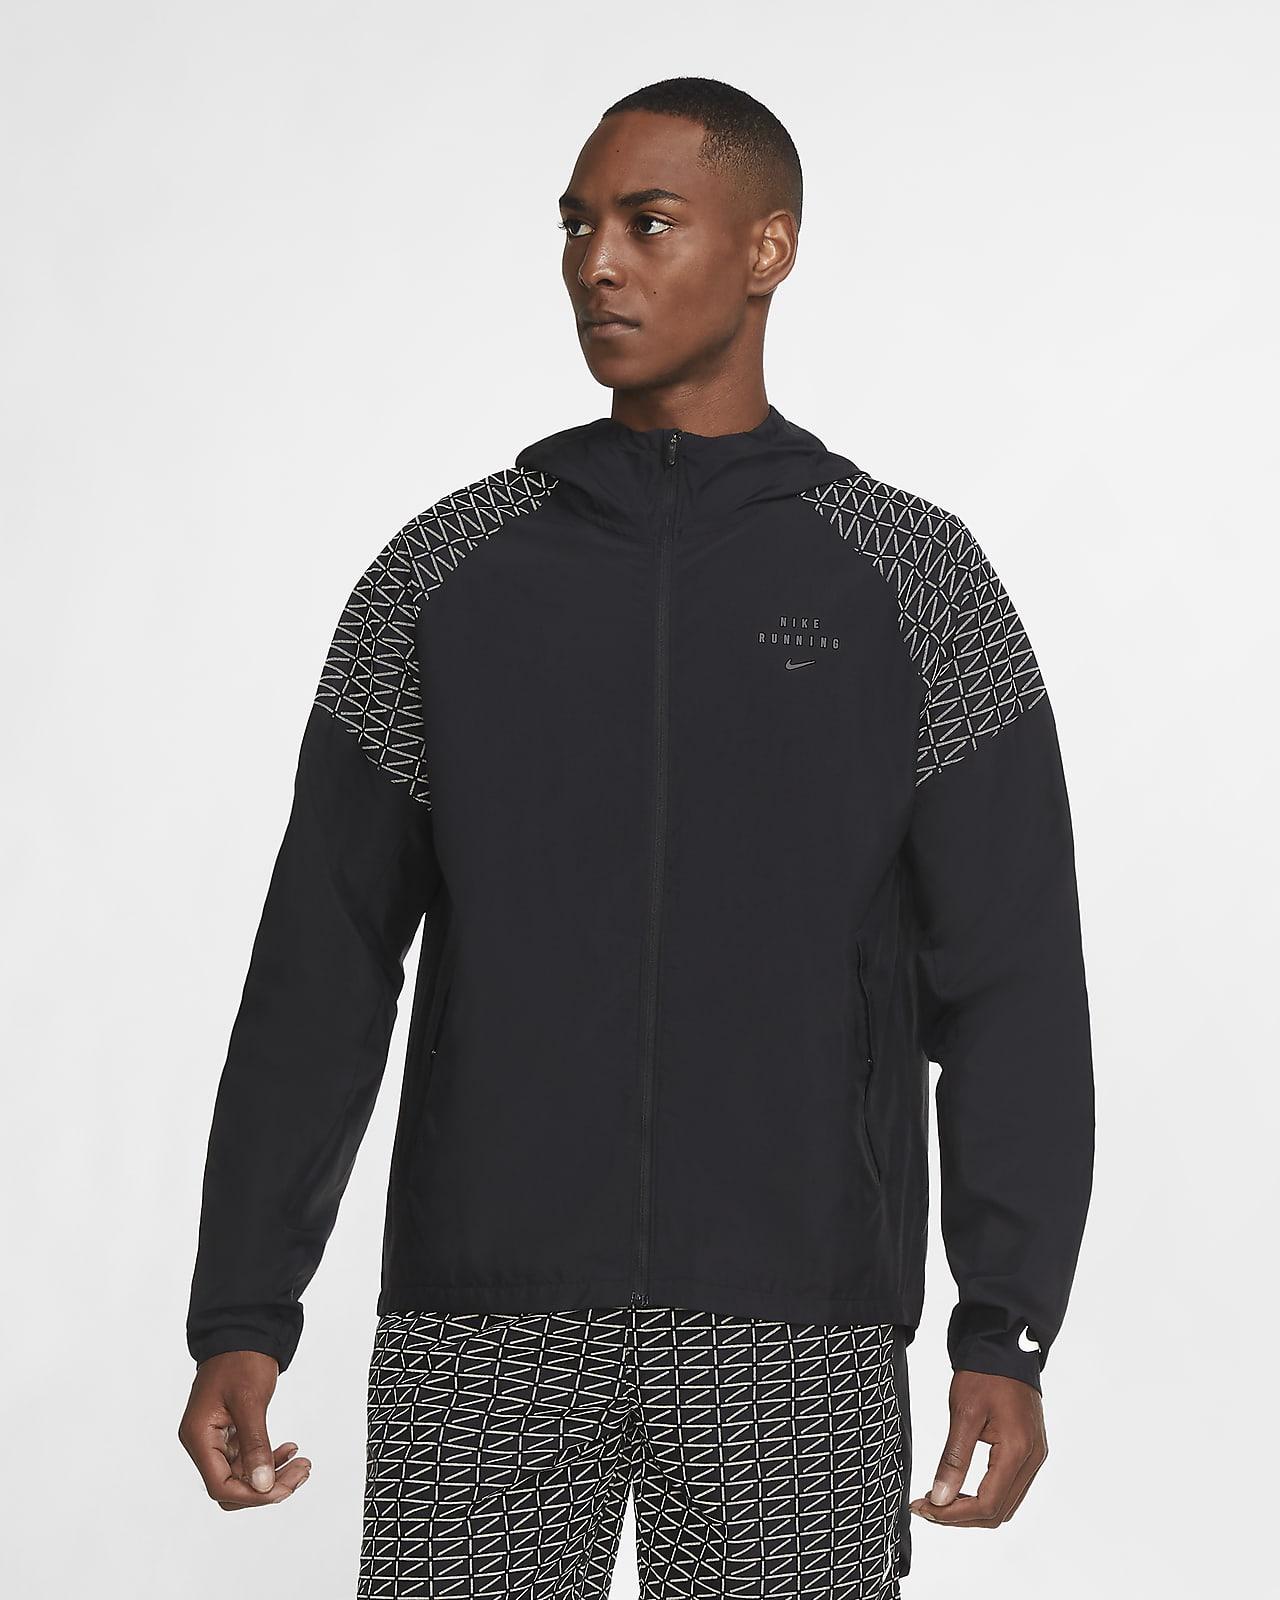 Nike Essential Run Division Flash 男款跑步外套